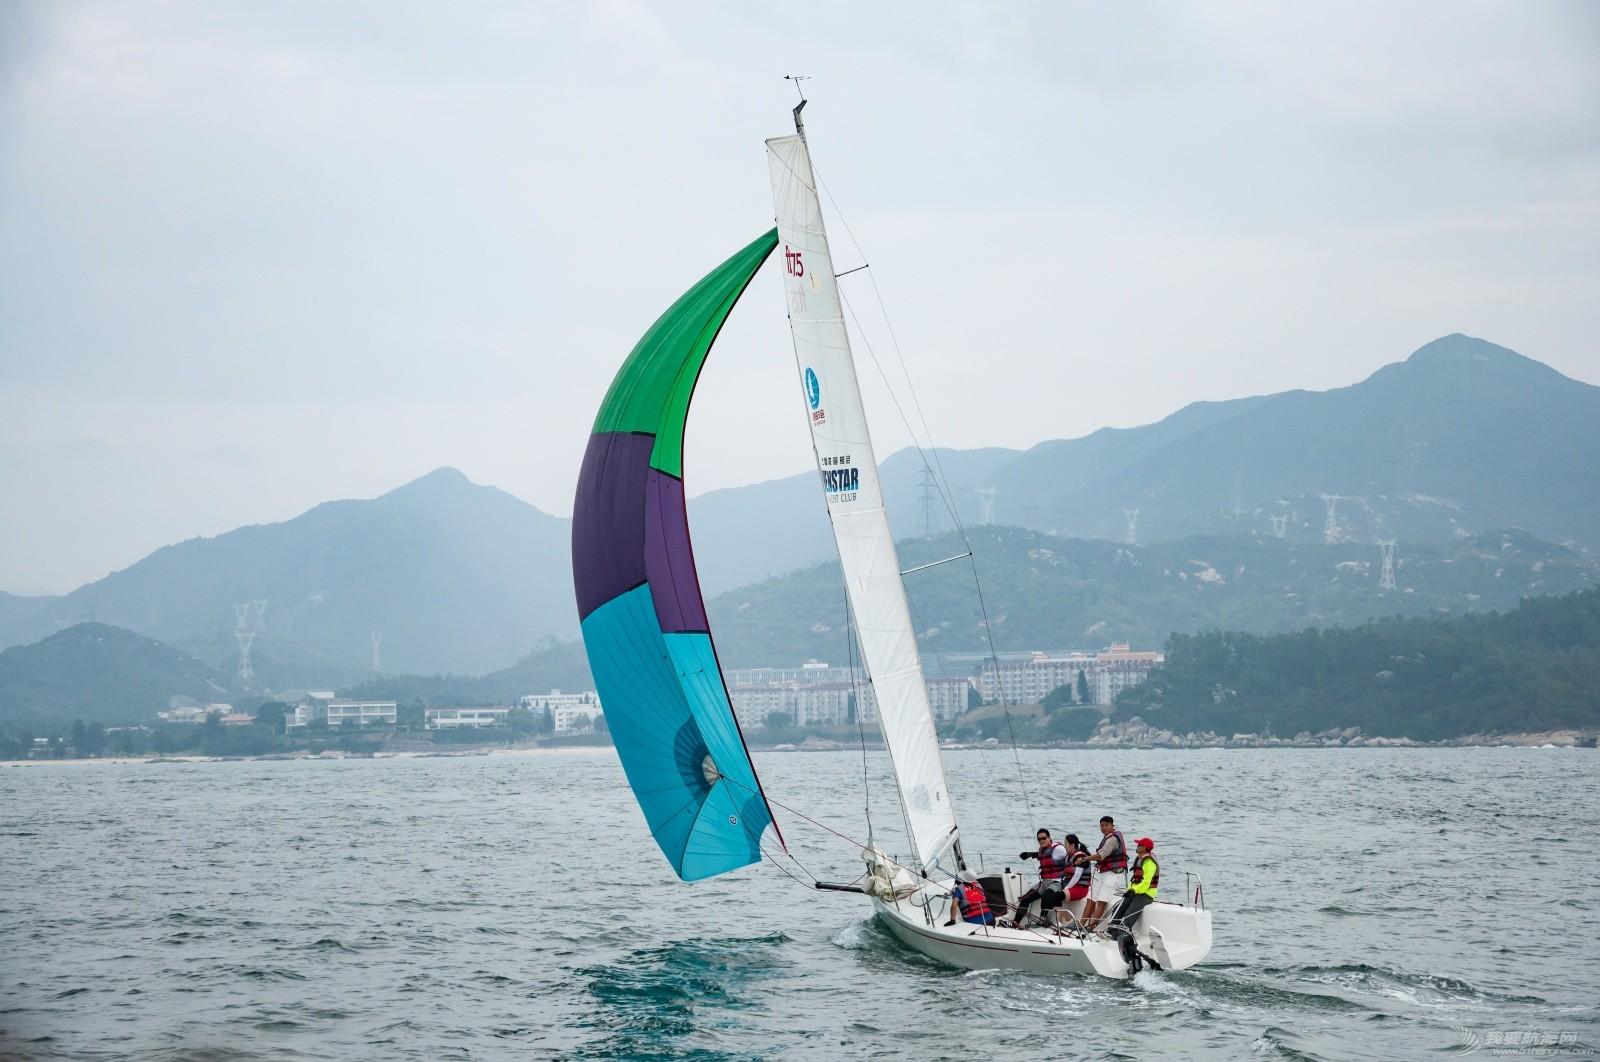 【2015大鹏杯帆船赛】51航海网船队在比赛中 s005.jpg